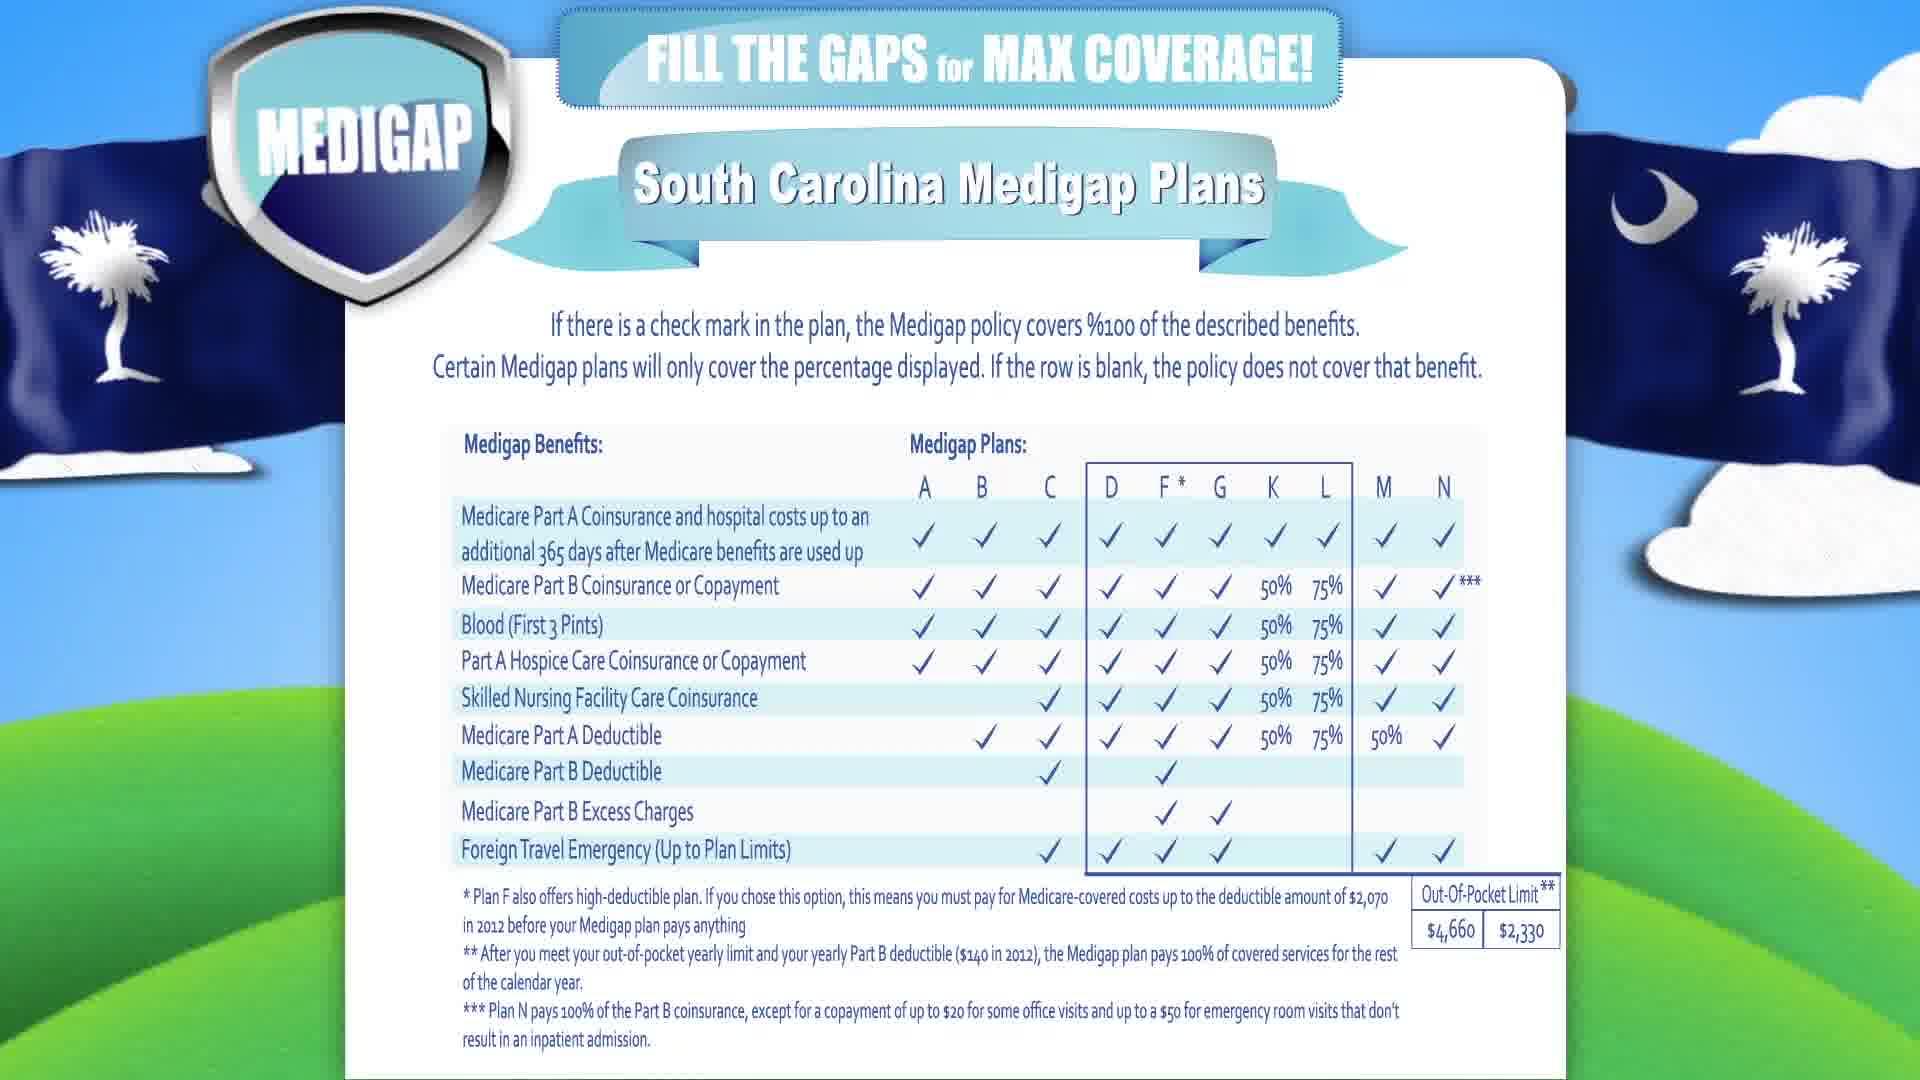 Medicare in South Carolina